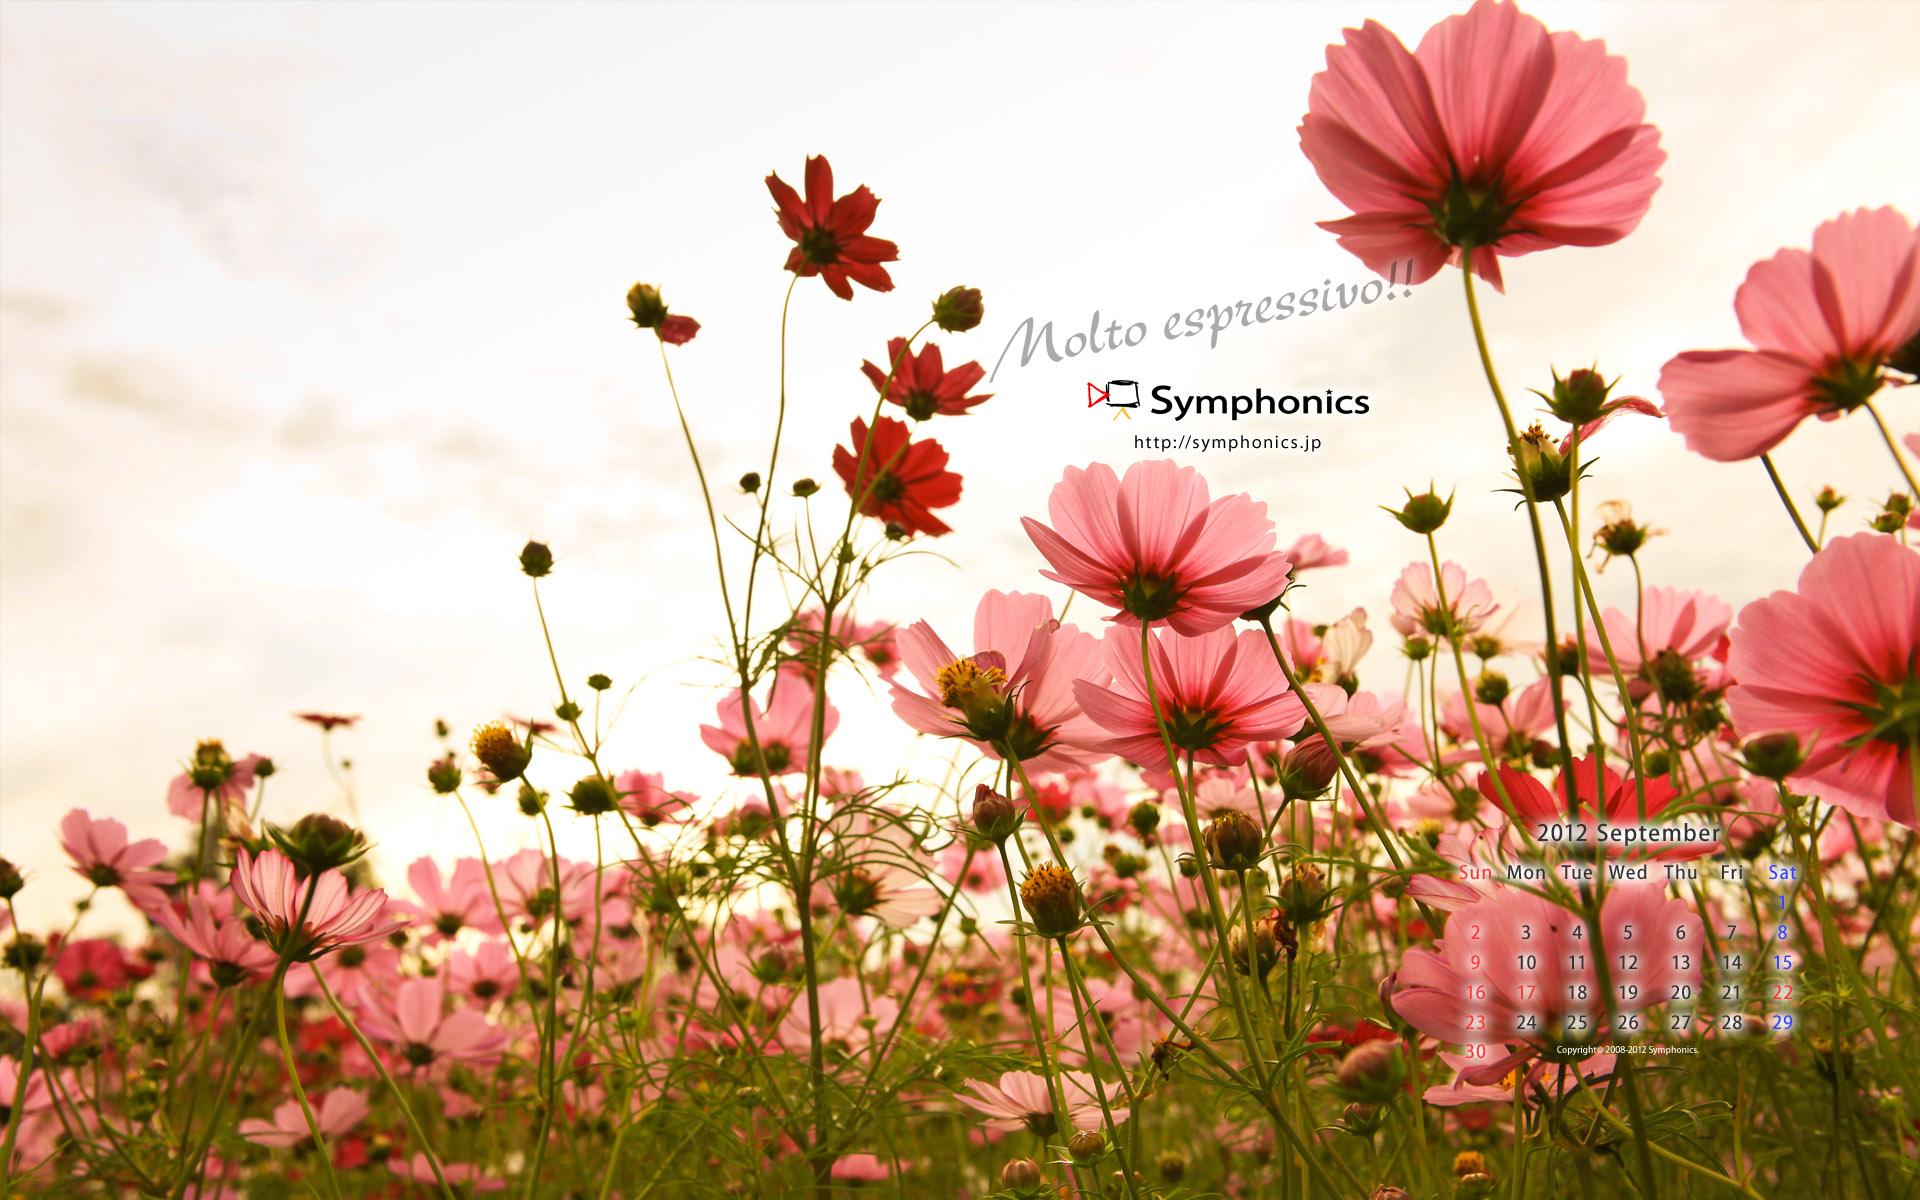 9月のsymphonics壁紙を更新しました Symphonics シンフォニクス株式会社 映像制作 技術 オーケストラ コンサートdvd ビデオ撮影